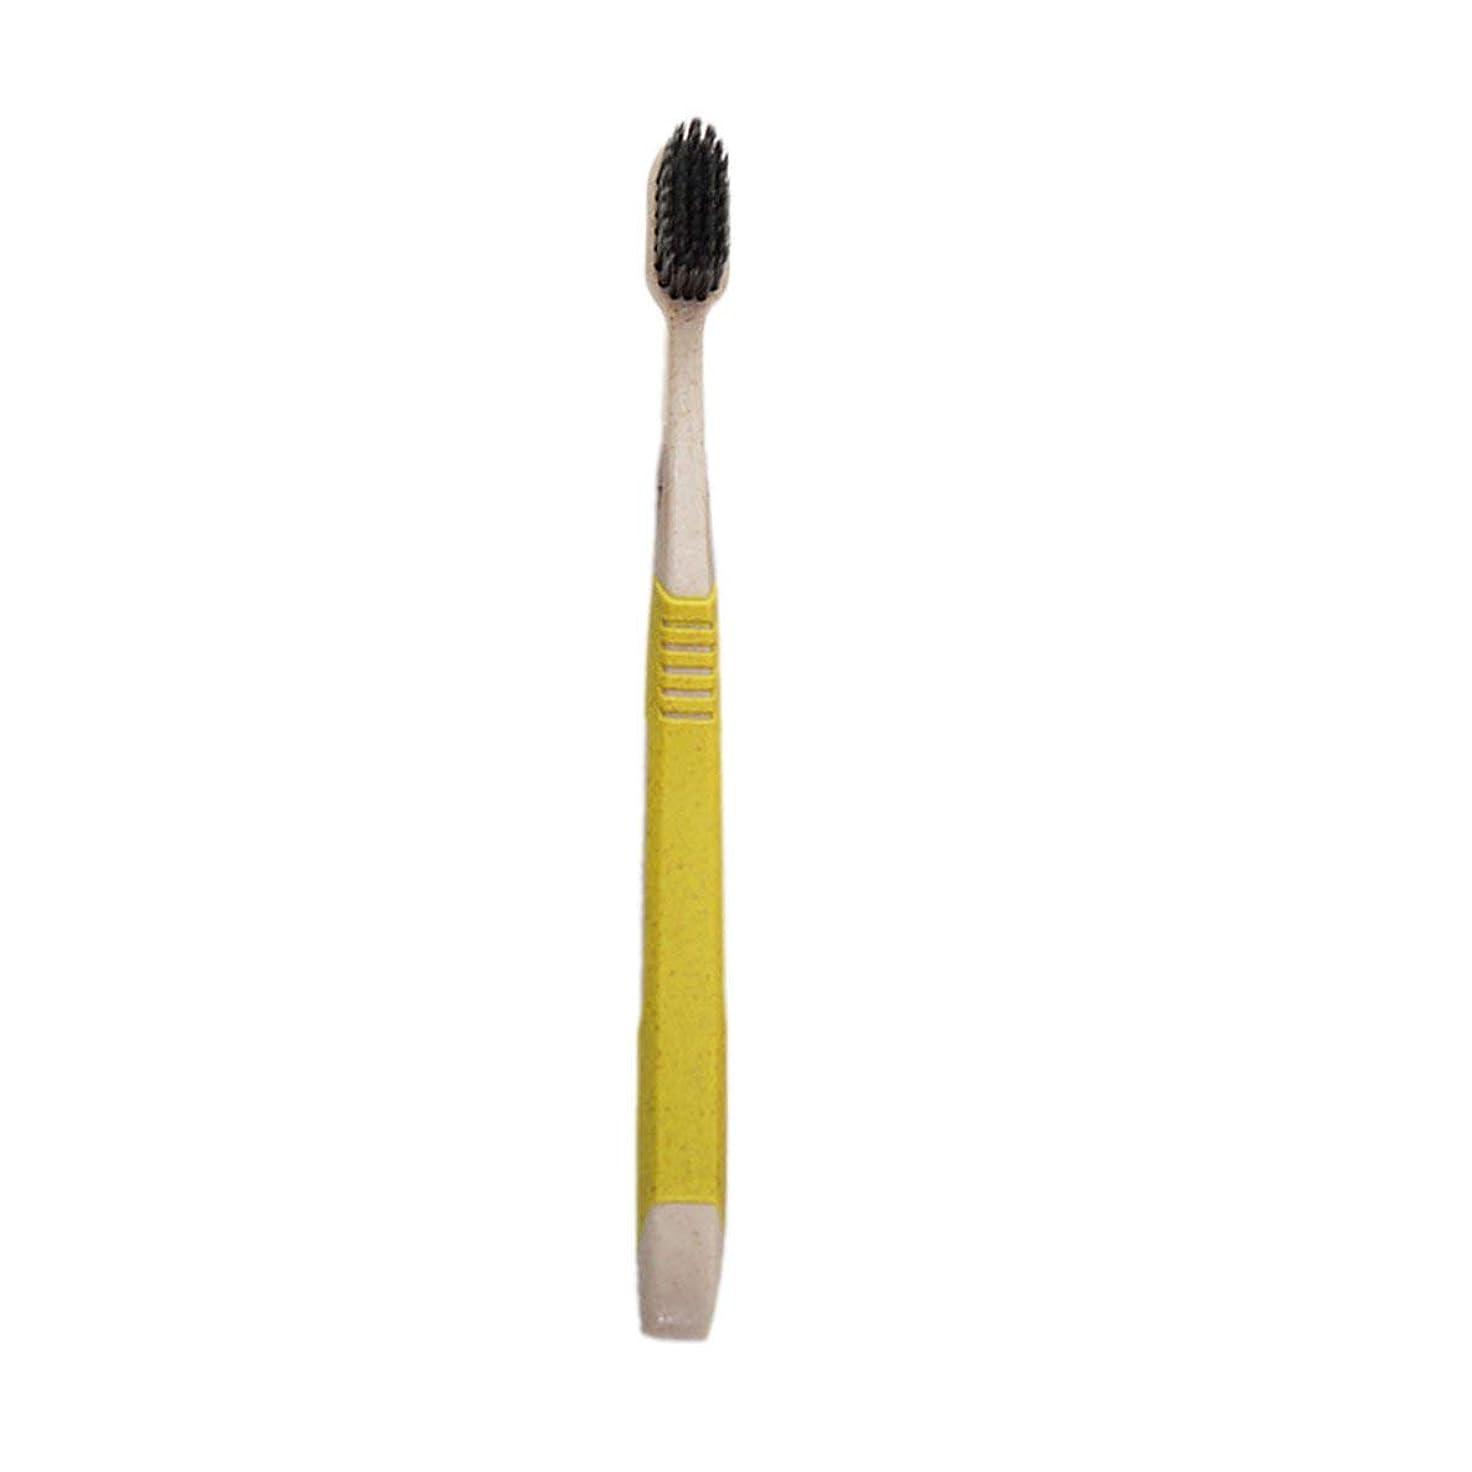 頭蓋骨州吐くK-666小麦わらの歯ブラシ歯のクリーニングブラシ竹炭毛ブラシ環境にやさしいブラシ歯のケア - 黄色